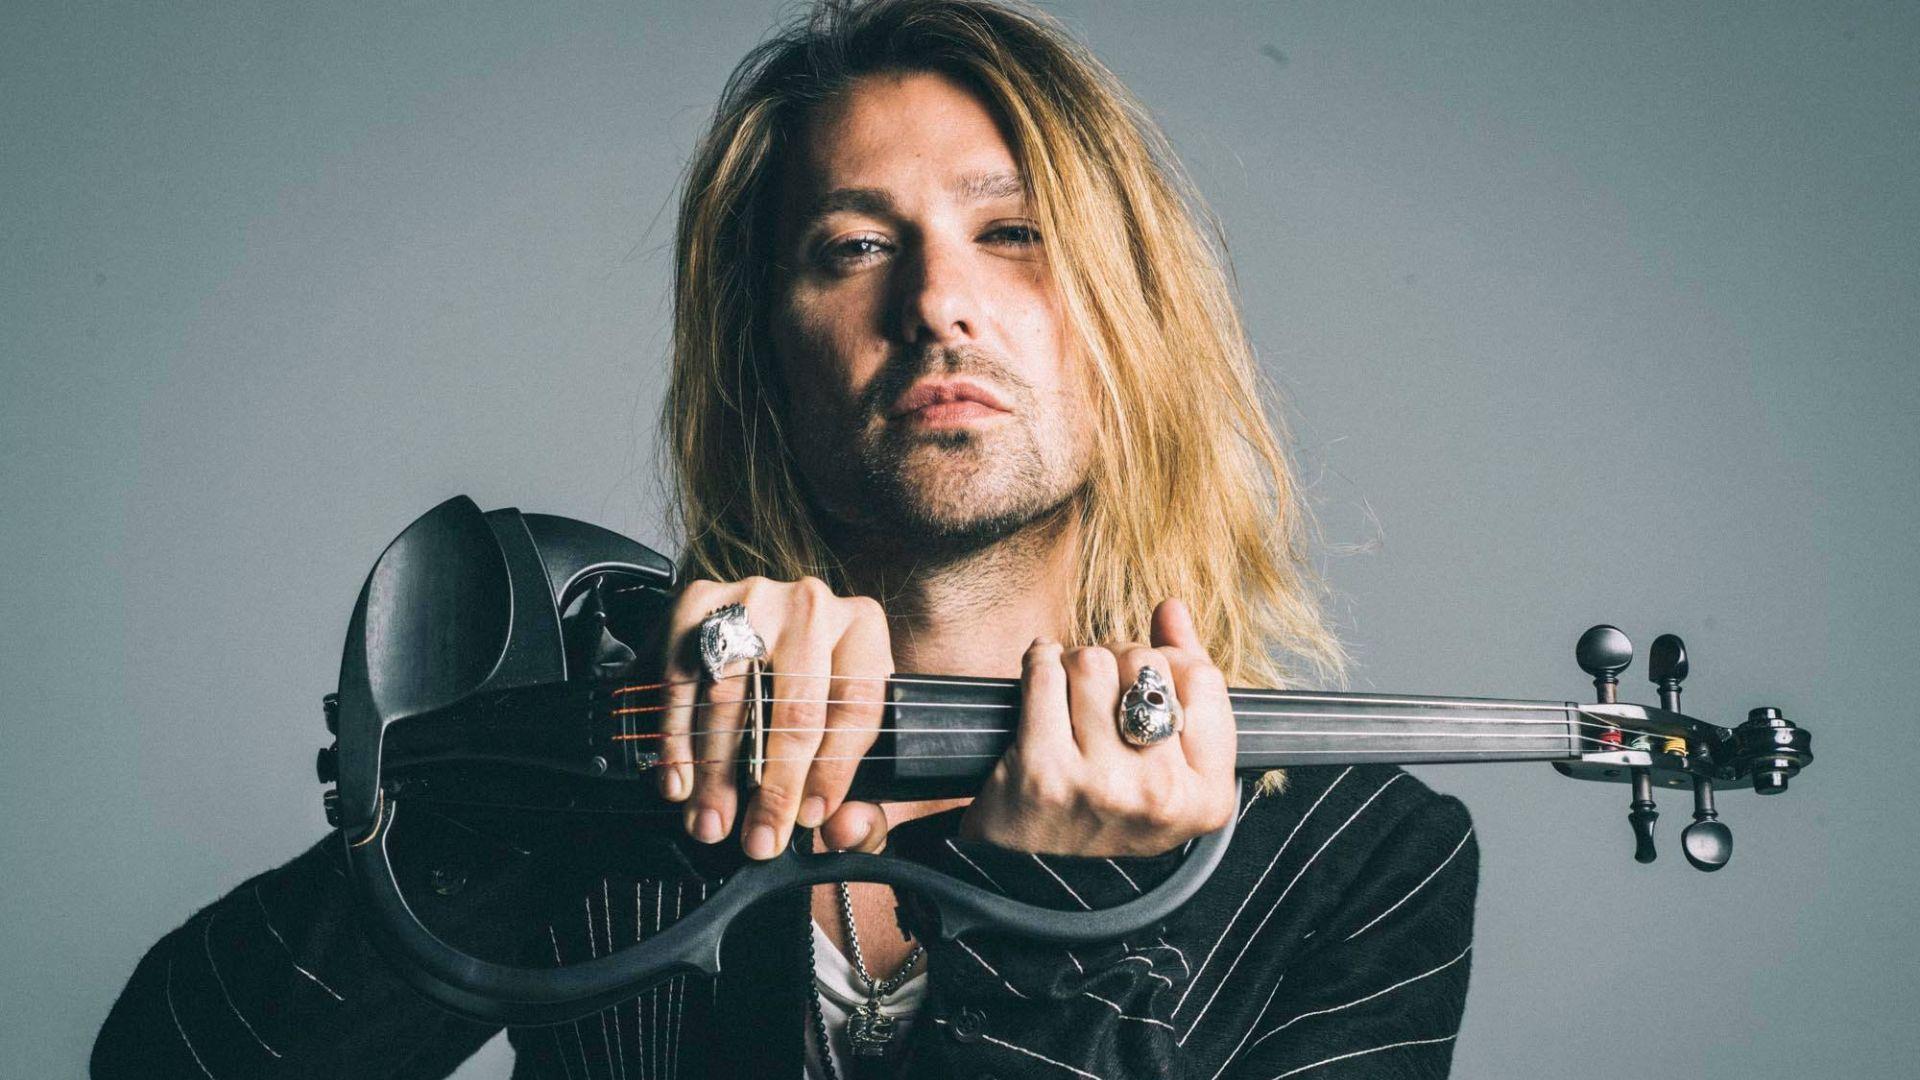 Дейвид Гарет още се лекува, отлага концерта в София